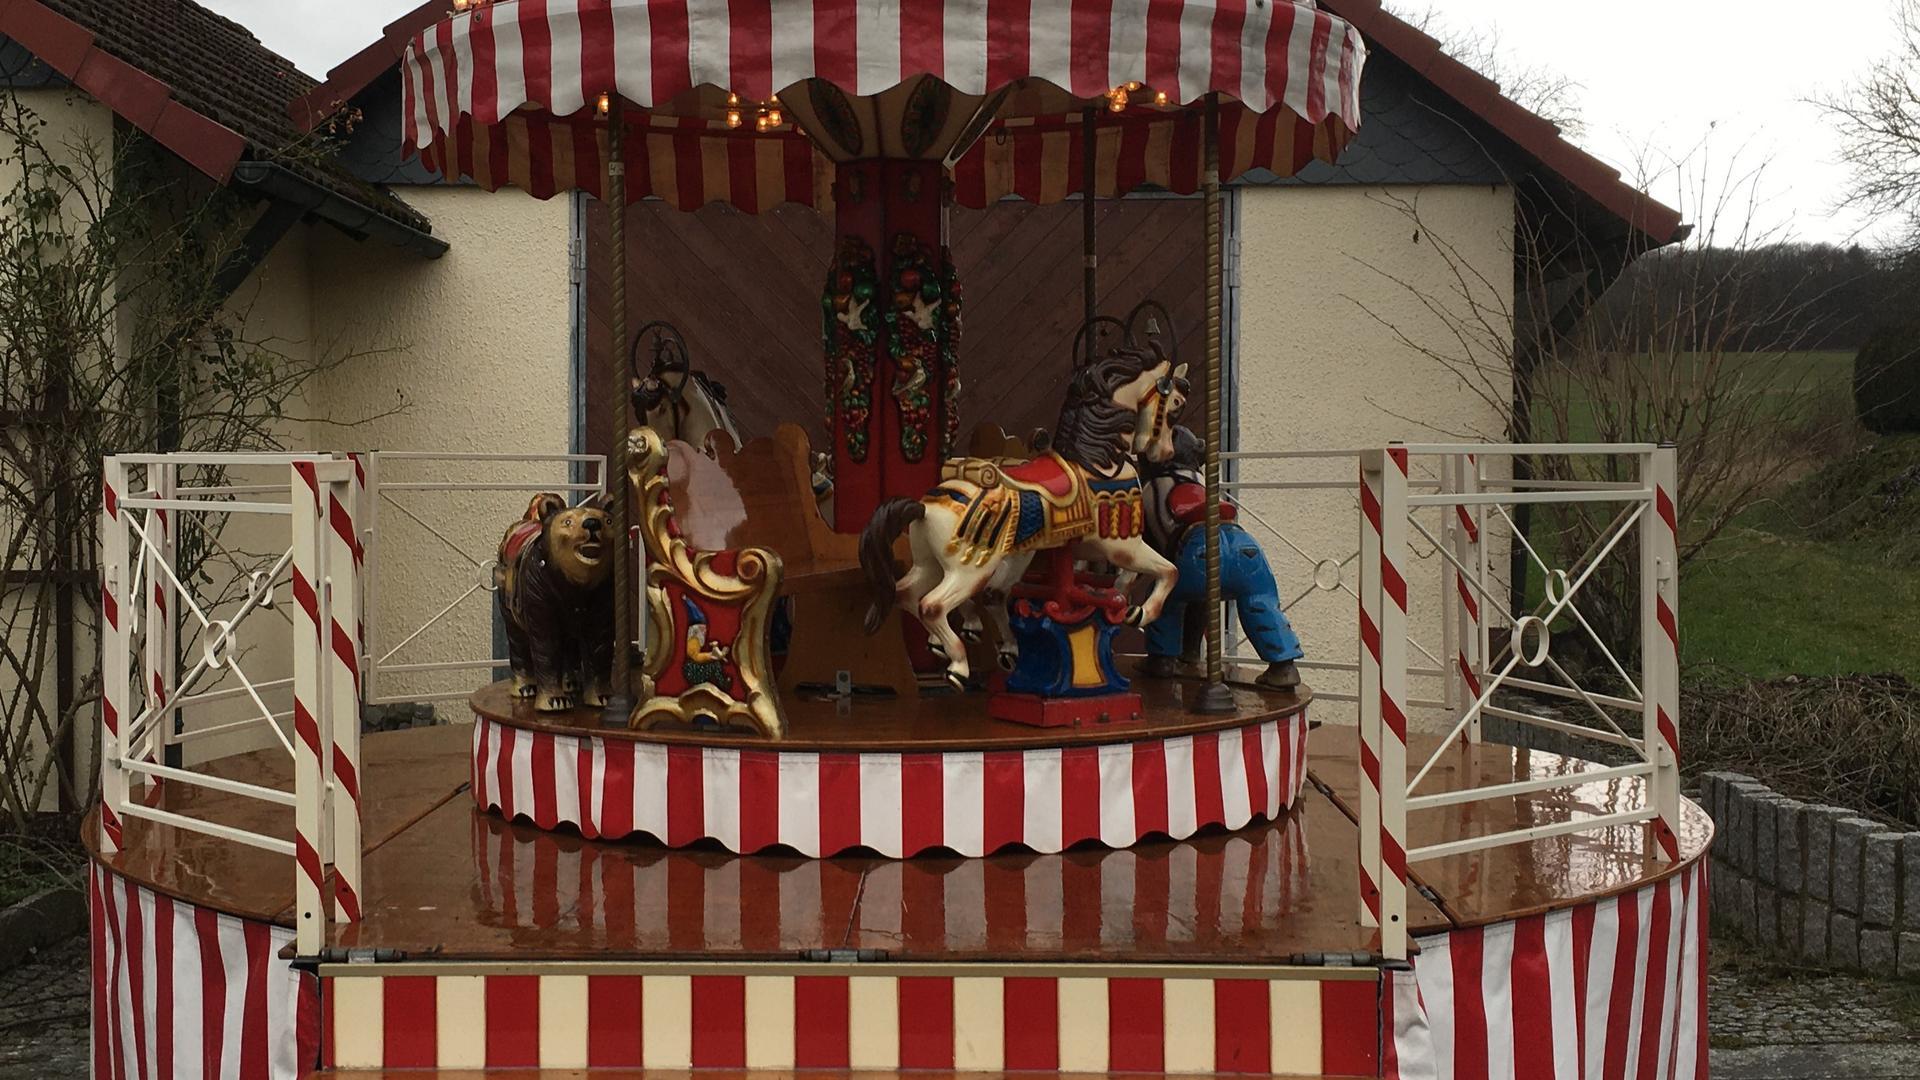 Karussell mieten & vermieten - Kinderkarussell, inkl. MwSt in Münnerstadt